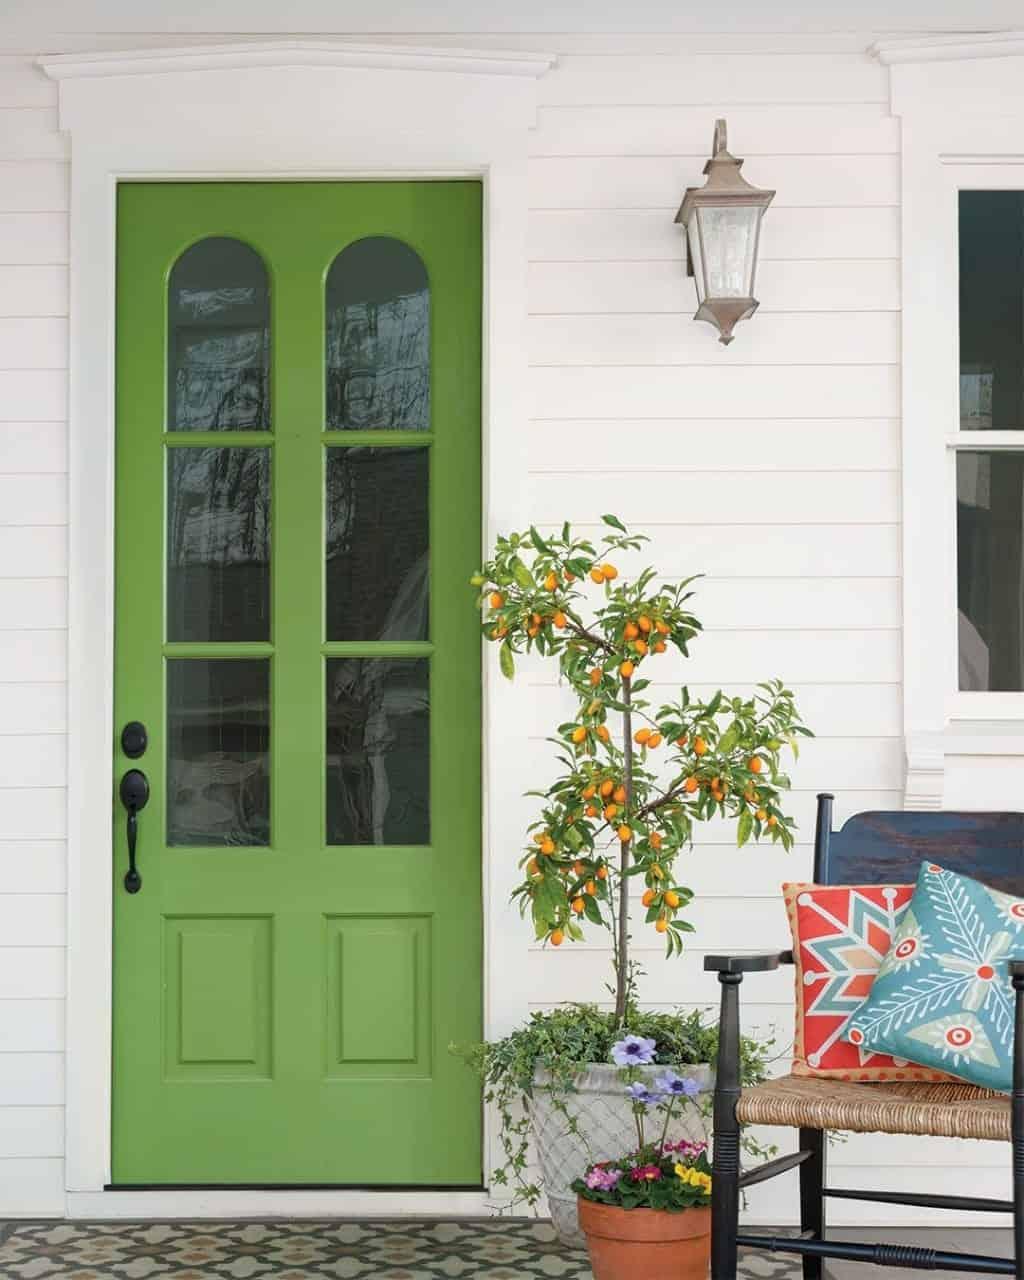 green door with glass panels and black metal handle